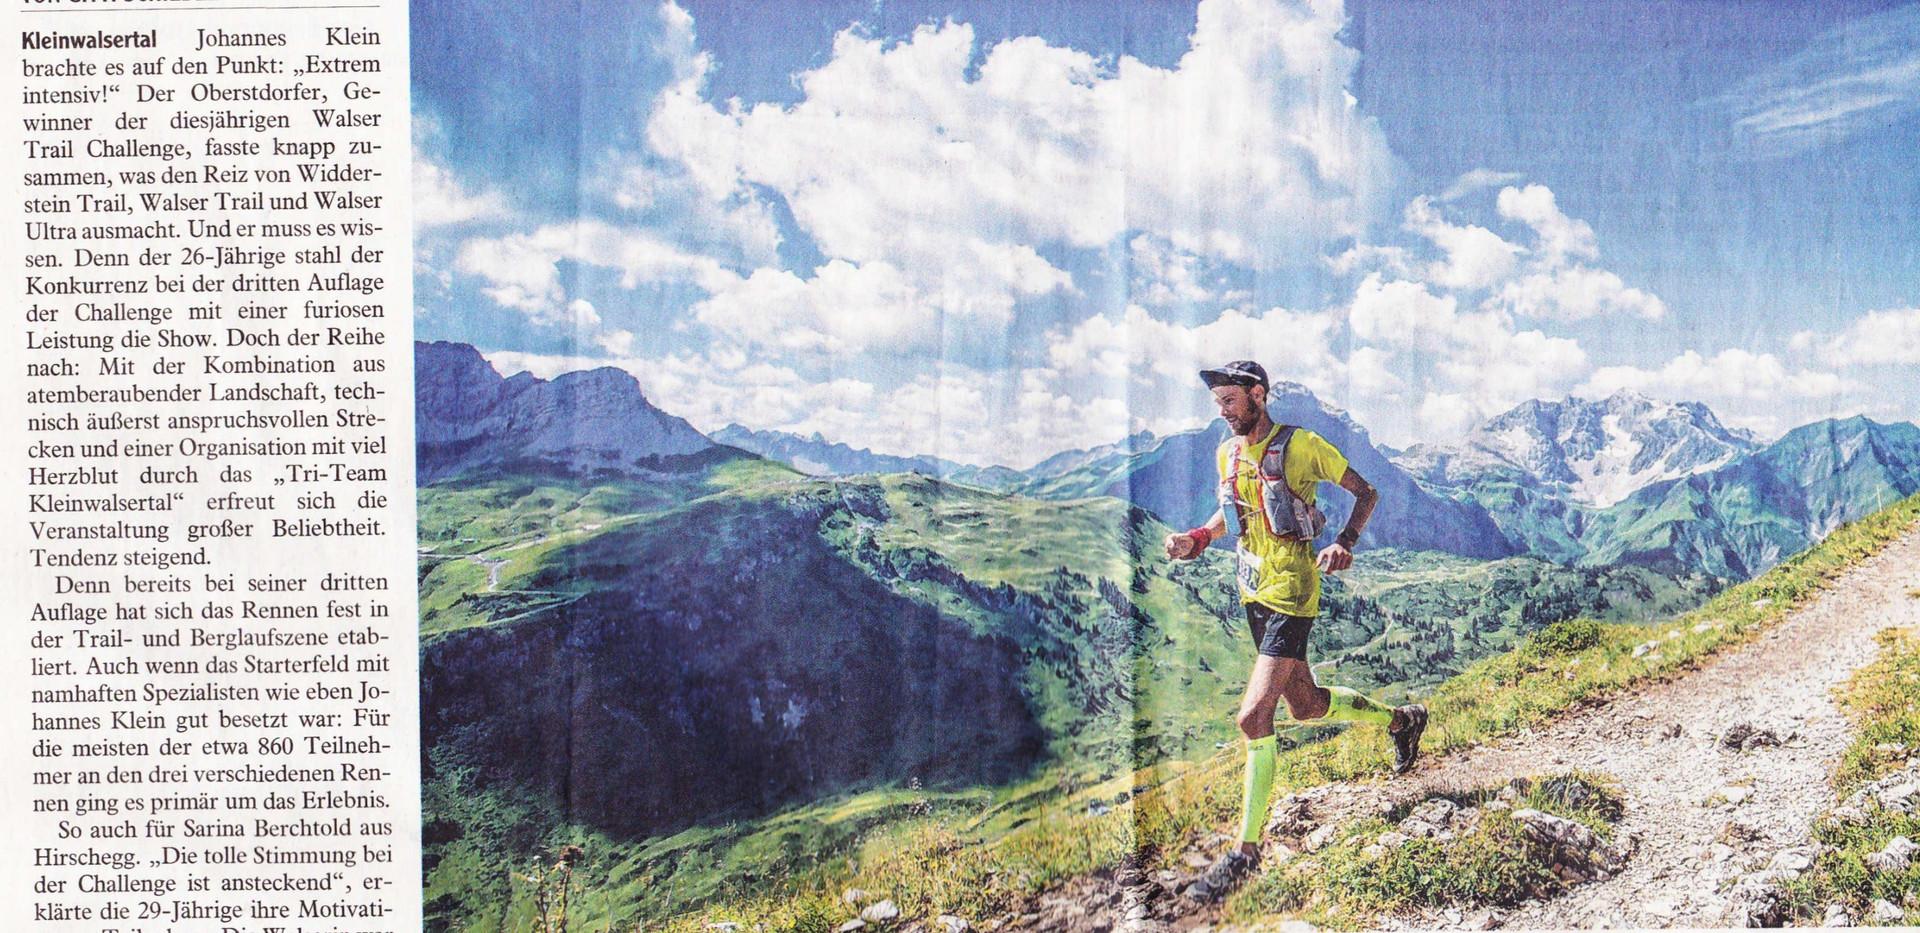 Widderstein Trail 2017